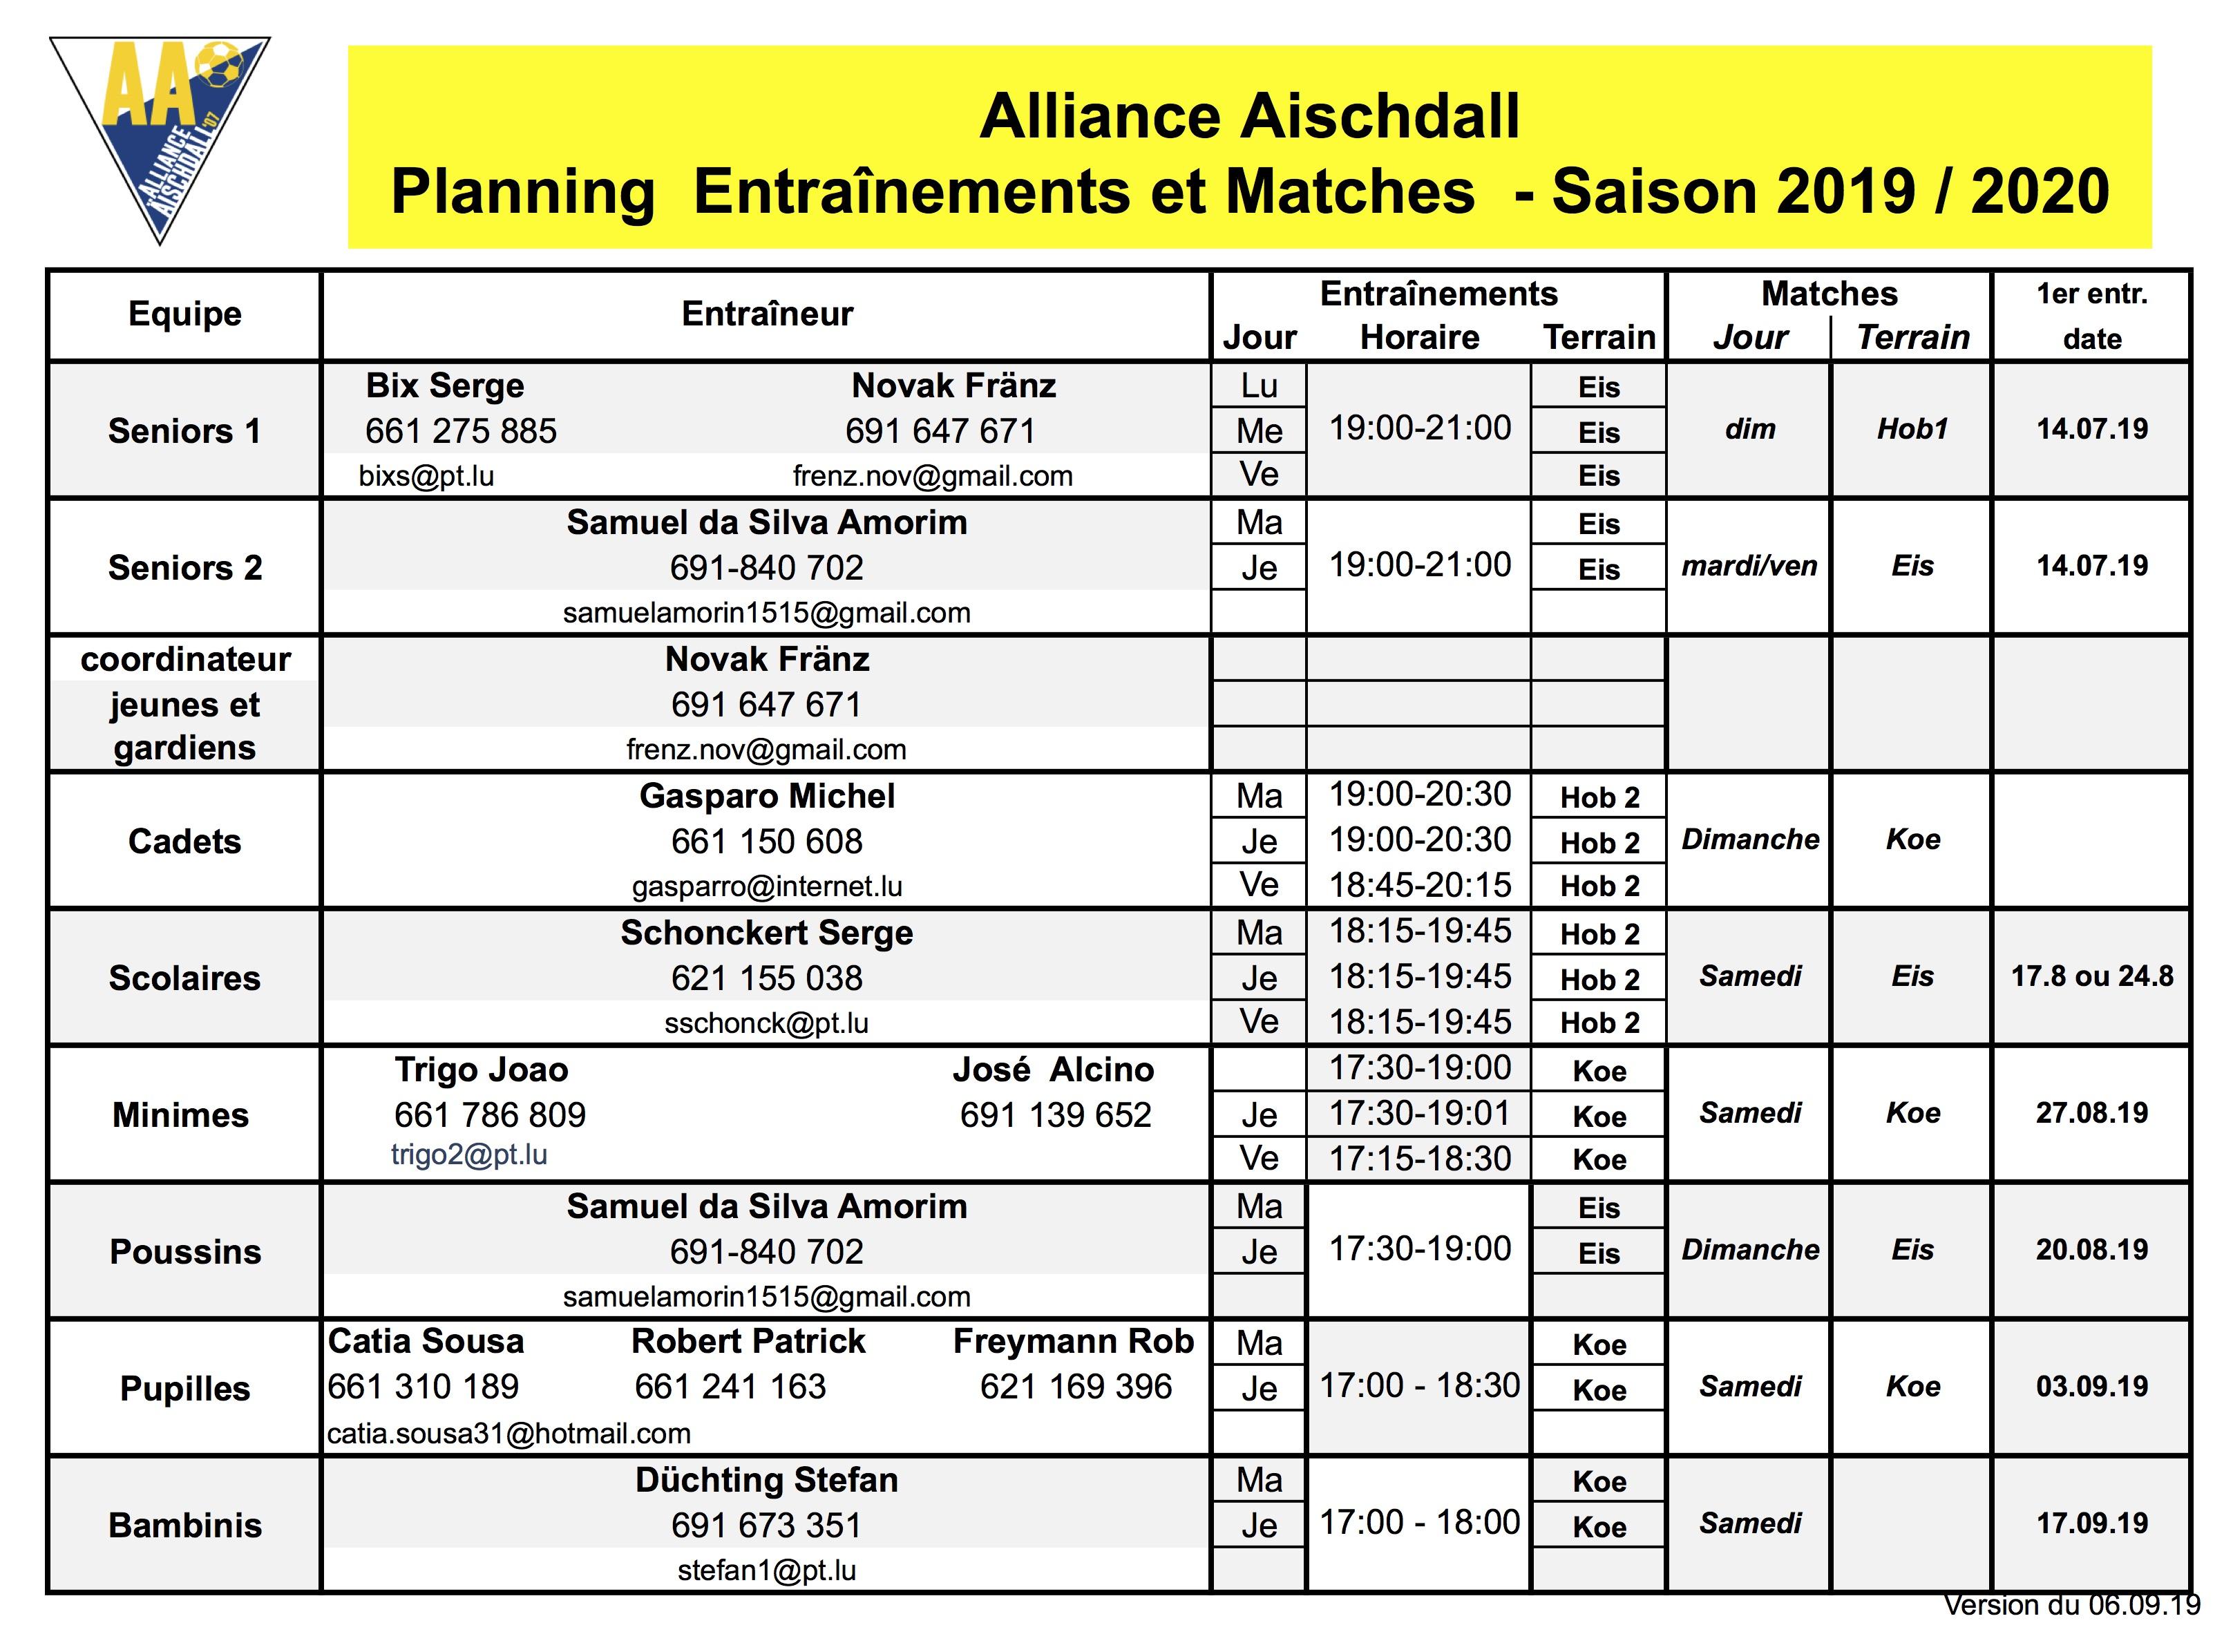 Planning 2019/2020